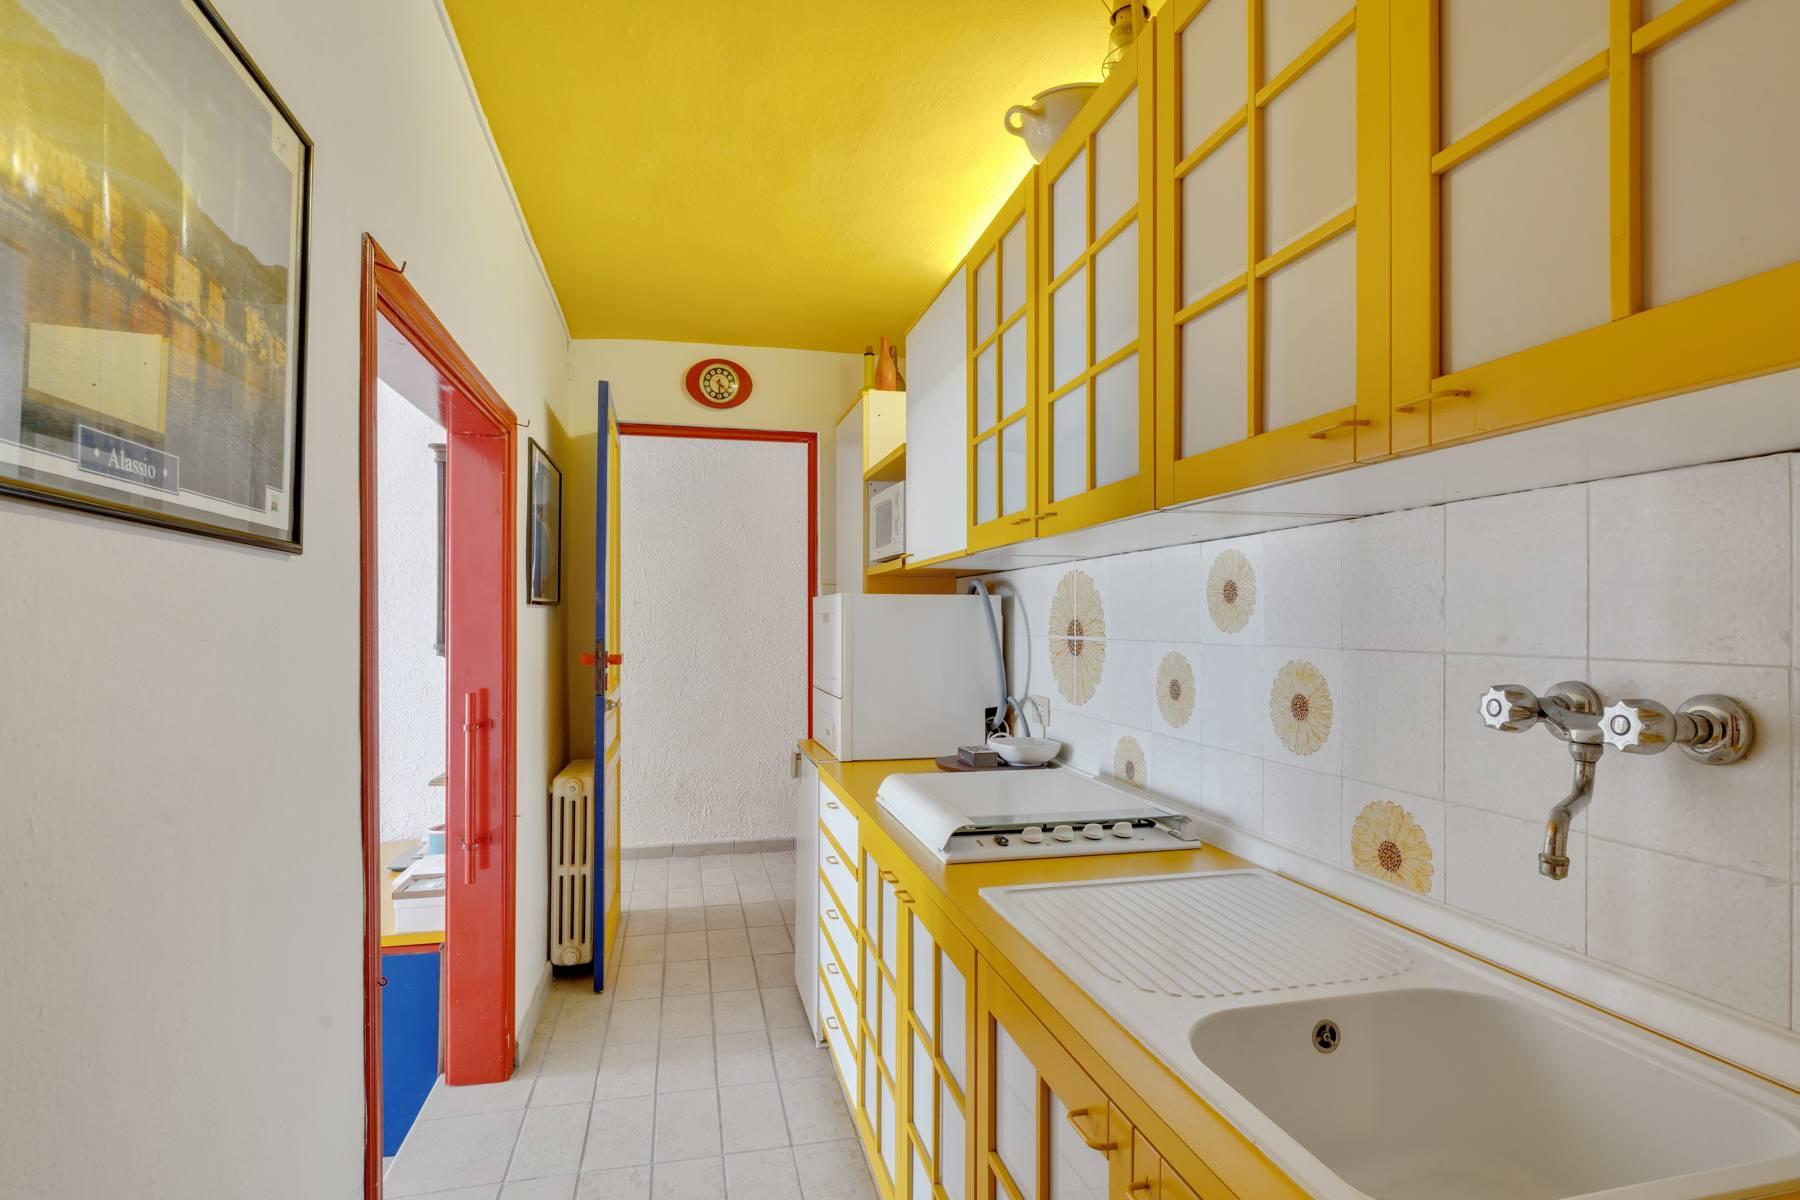 Casa indipendente in Vendita a Alassio: 5 locali, 230 mq - Foto 22